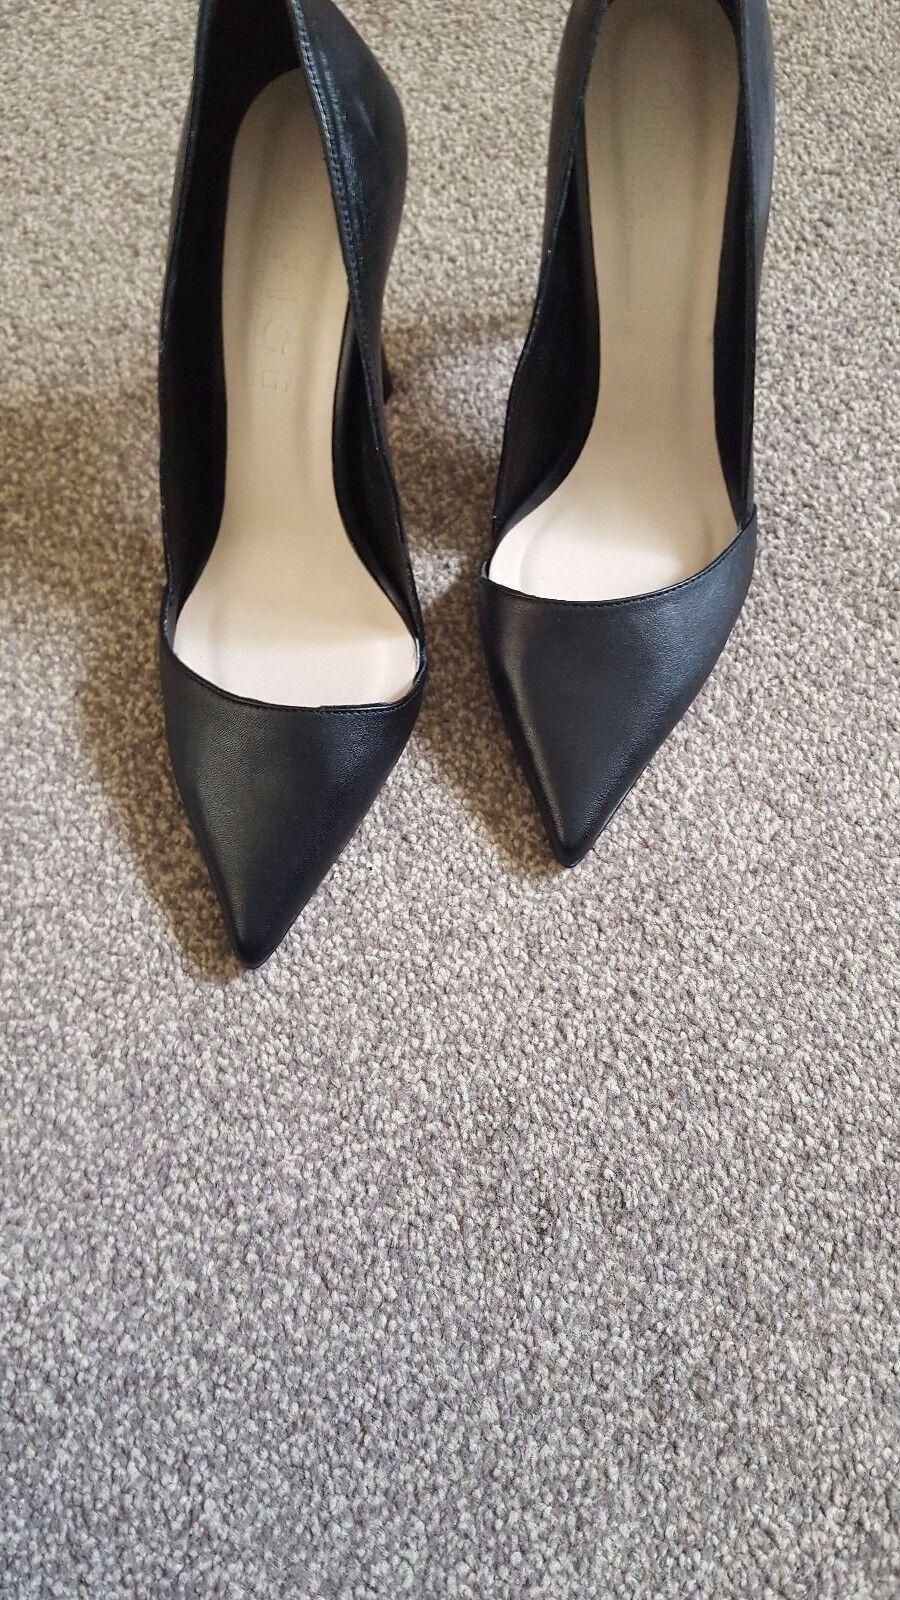 Noir Femme Bureau Talons Hauts Escarpins Chaussures Taille 5